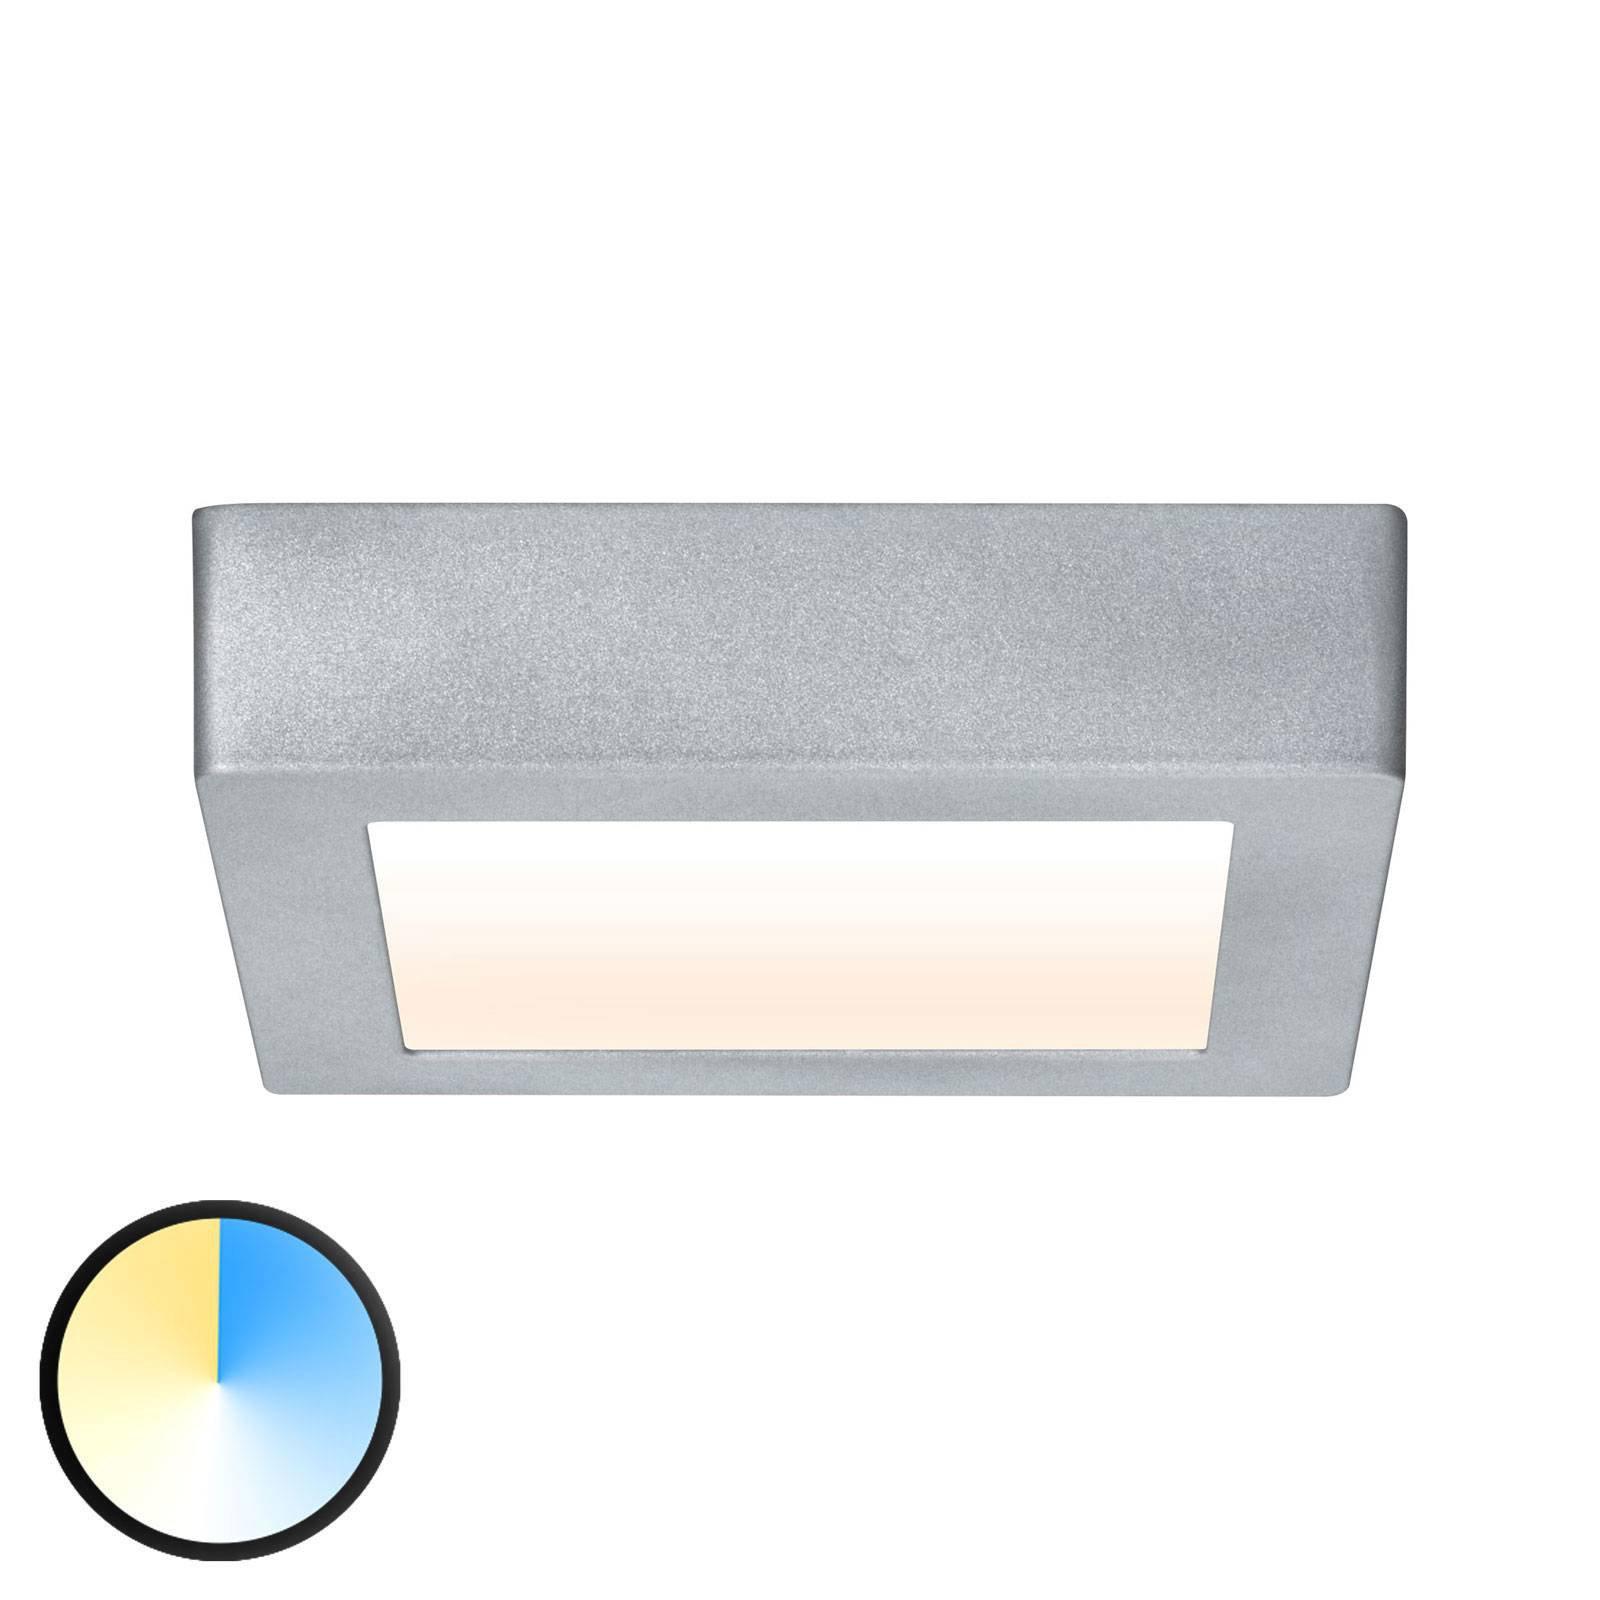 Paulmann Carpo LED-taklampe krom 17x17 cm